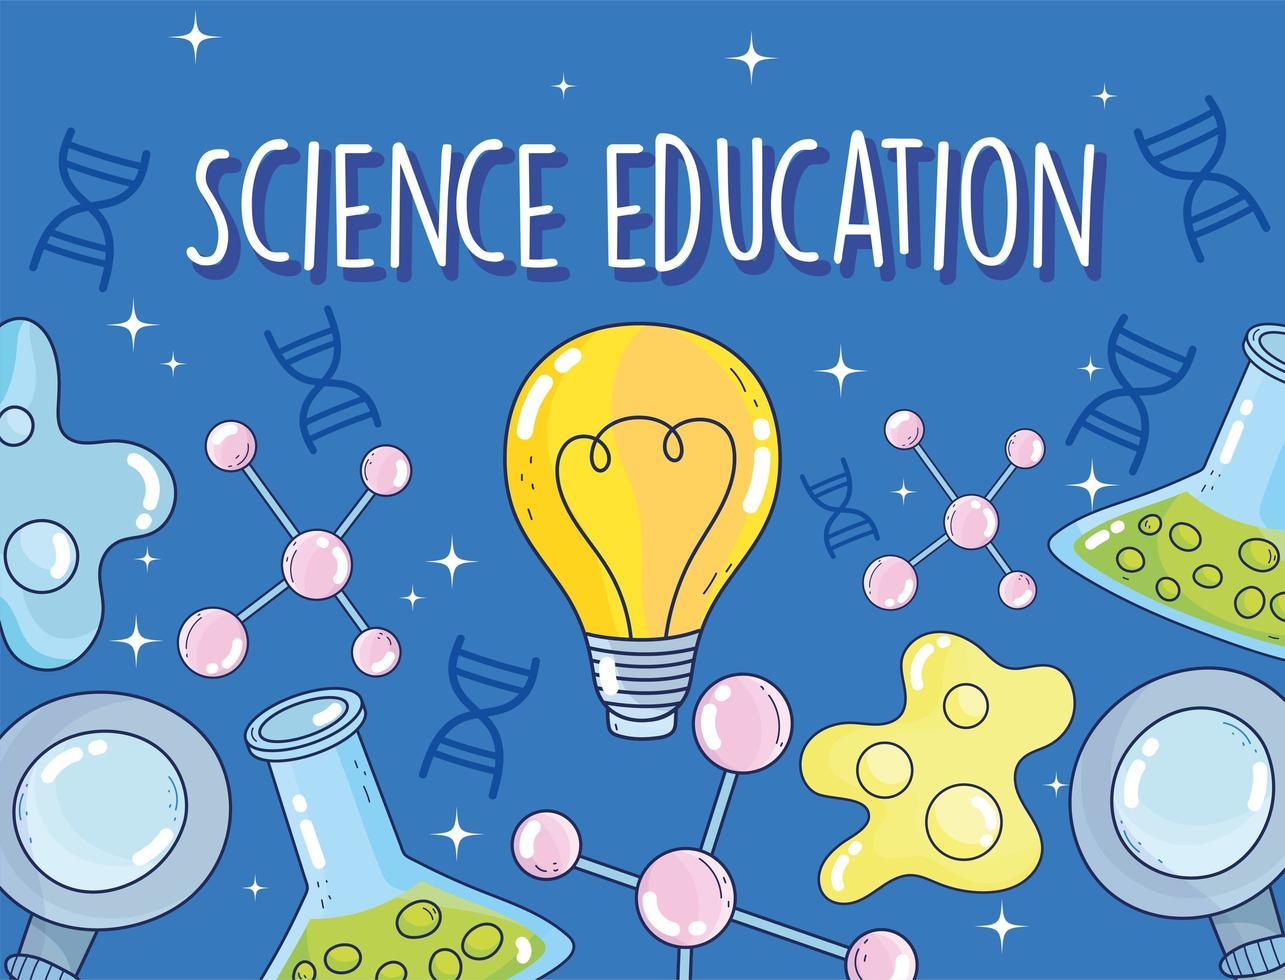 Vorlage für naturwissenschaftliche Bildung und Laborbanner vektor